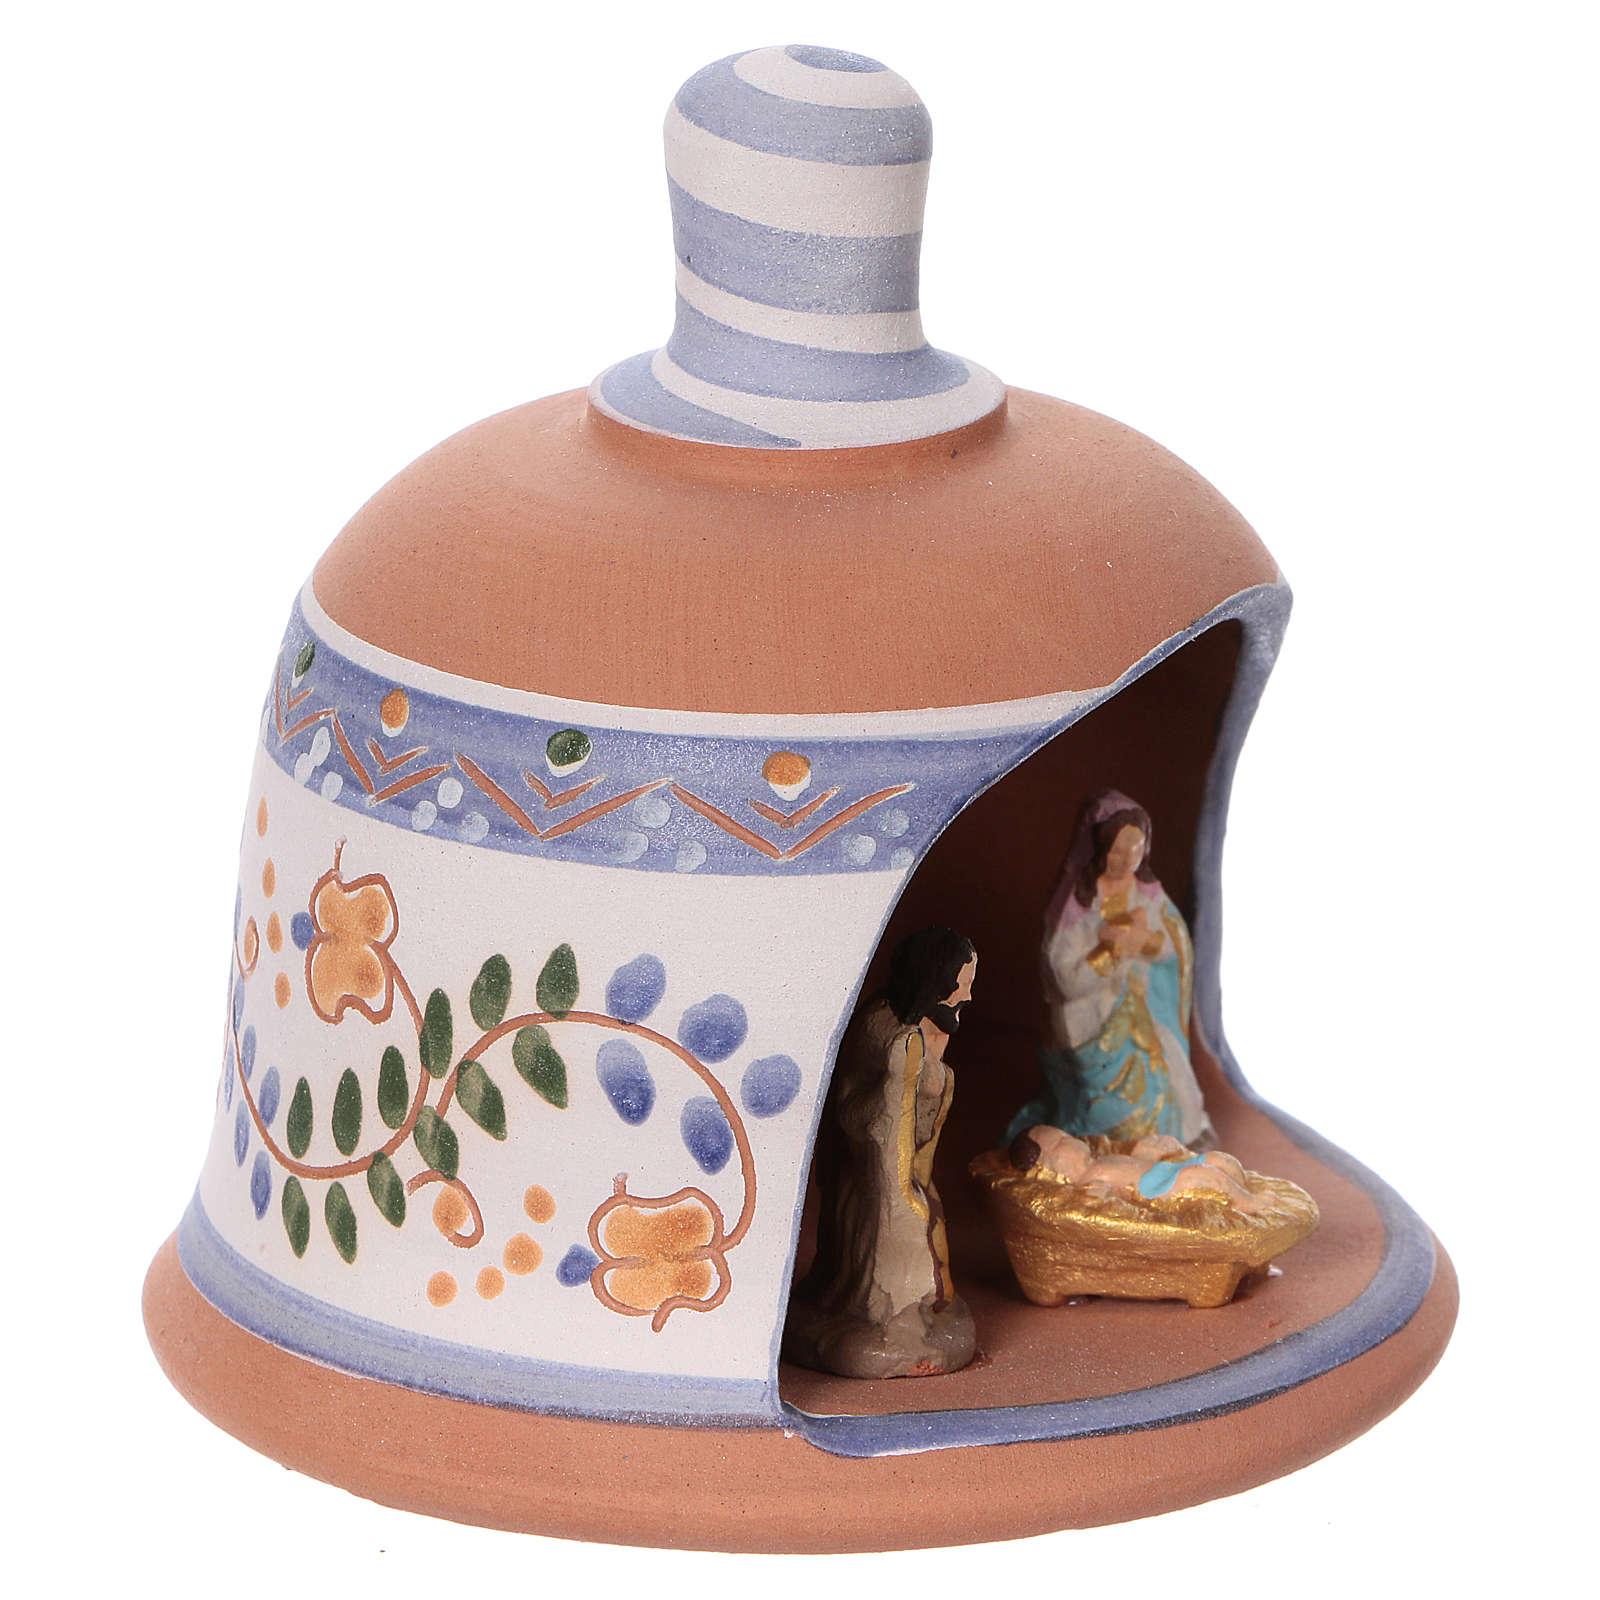 Cabaña de terracota azul con belén 3 cm Deruta 4